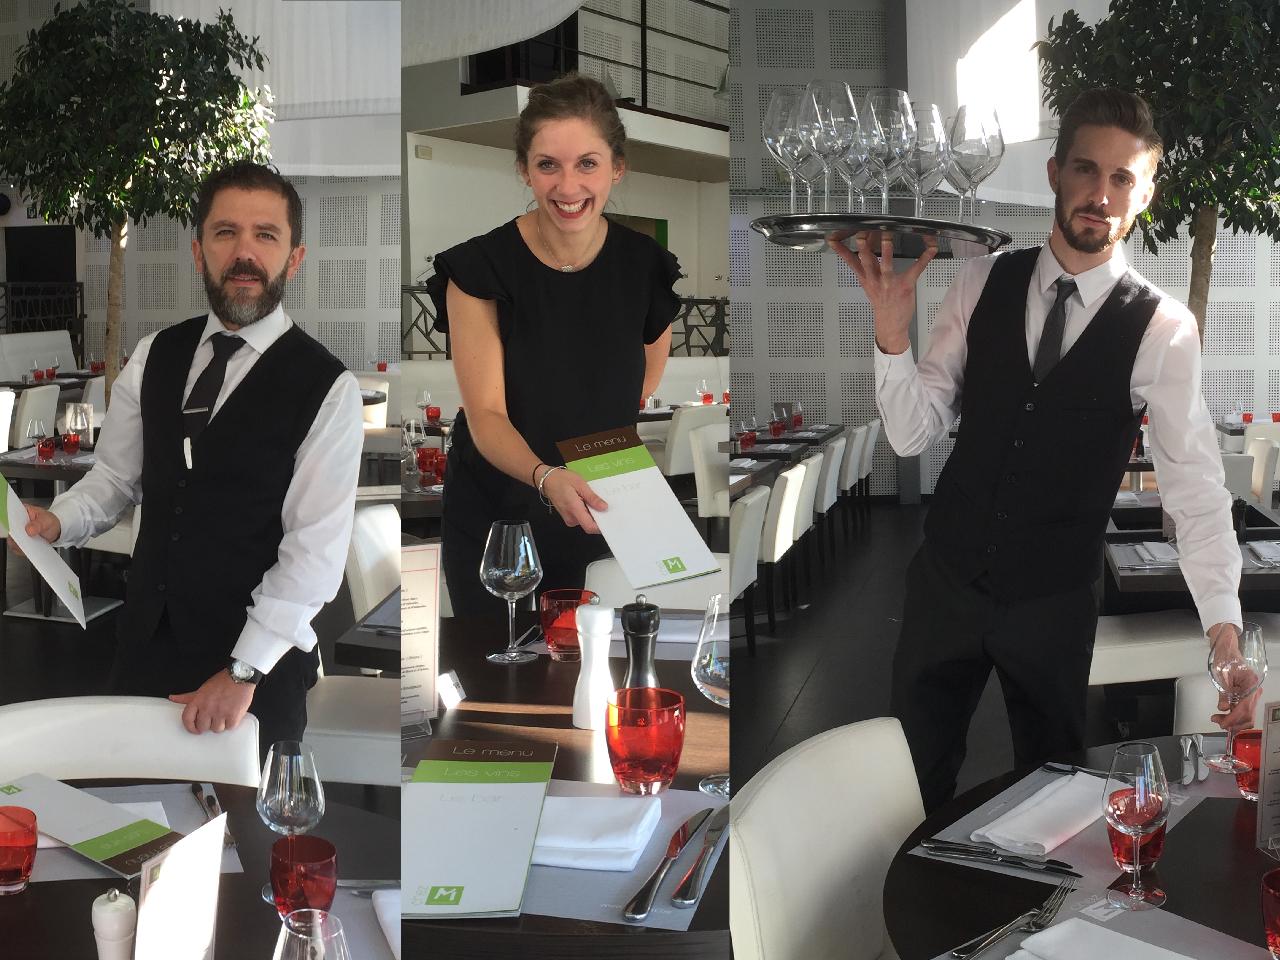 L'équipe de service : Maud, Régine, Robert et Audric